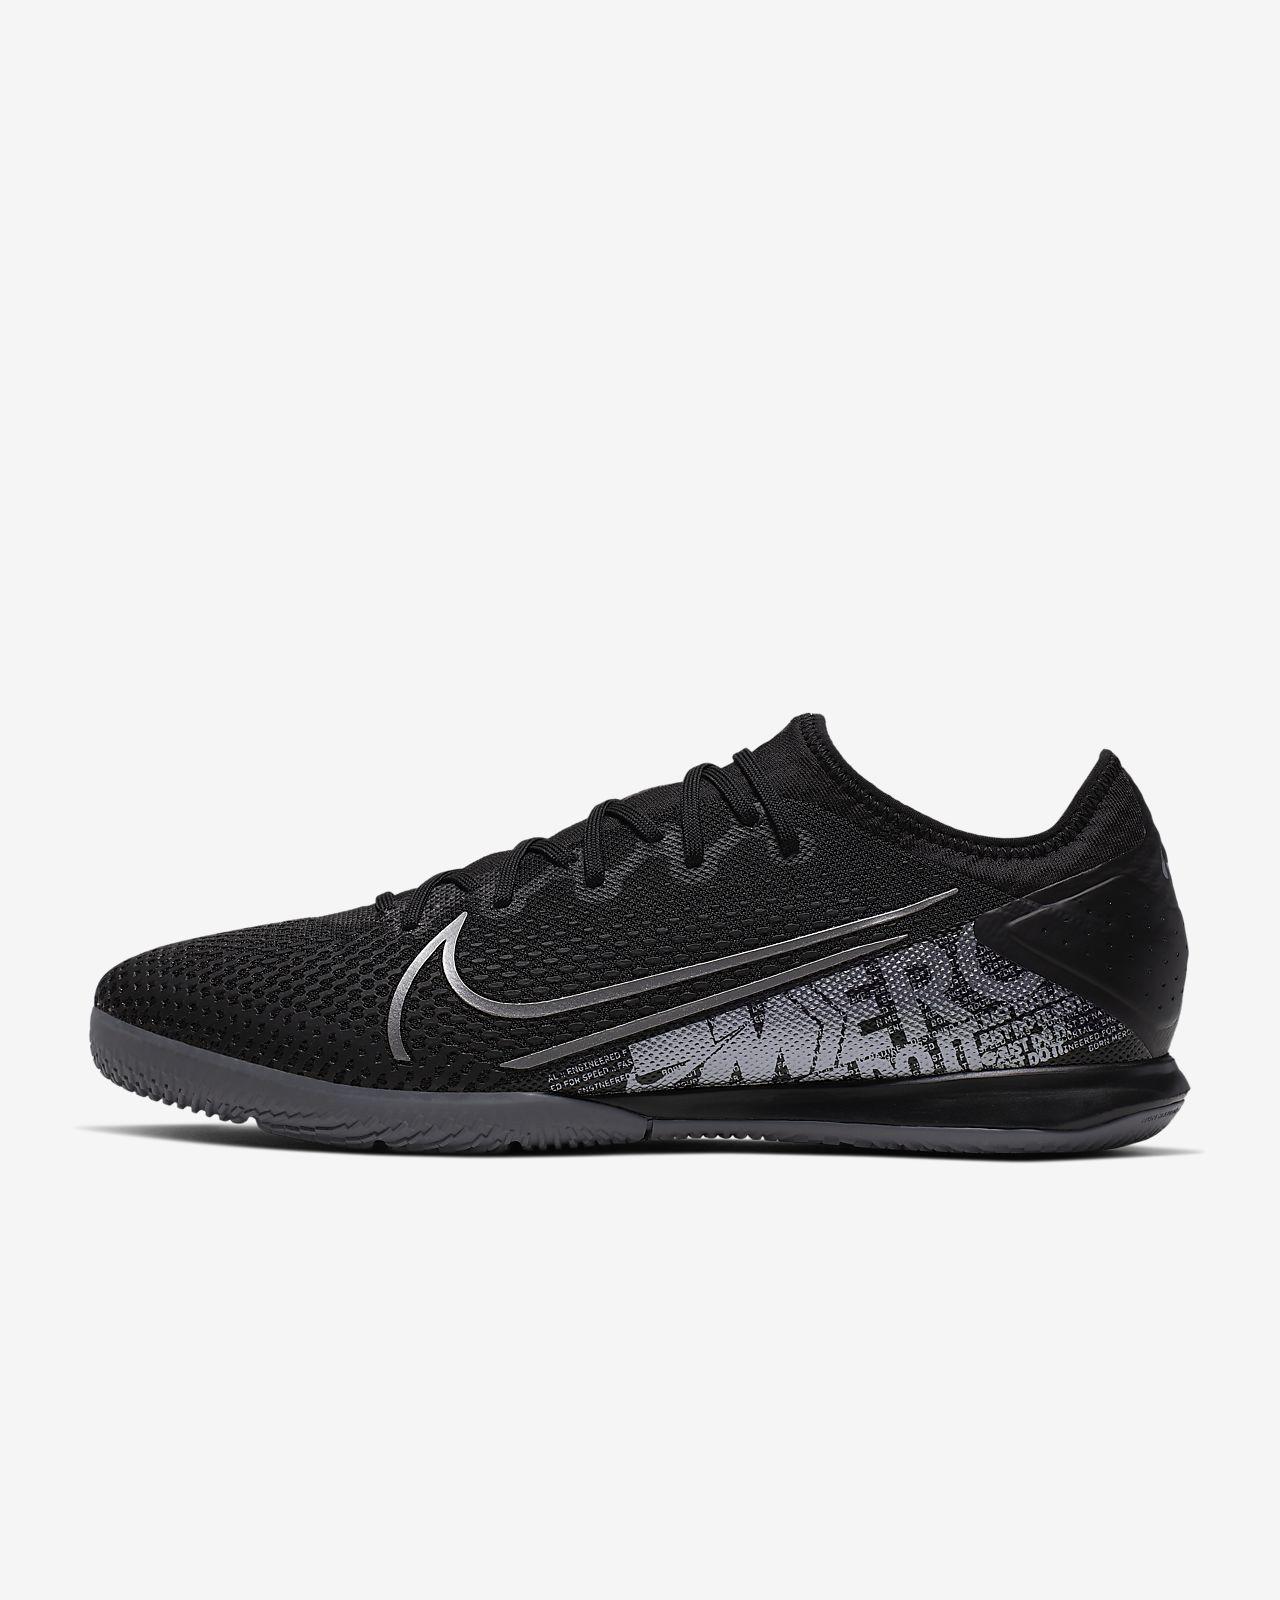 Ποδοσφαιρικό παπούτσι για κλειστά γήπεδα Nike Mercurial Vapor 13 Pro IC